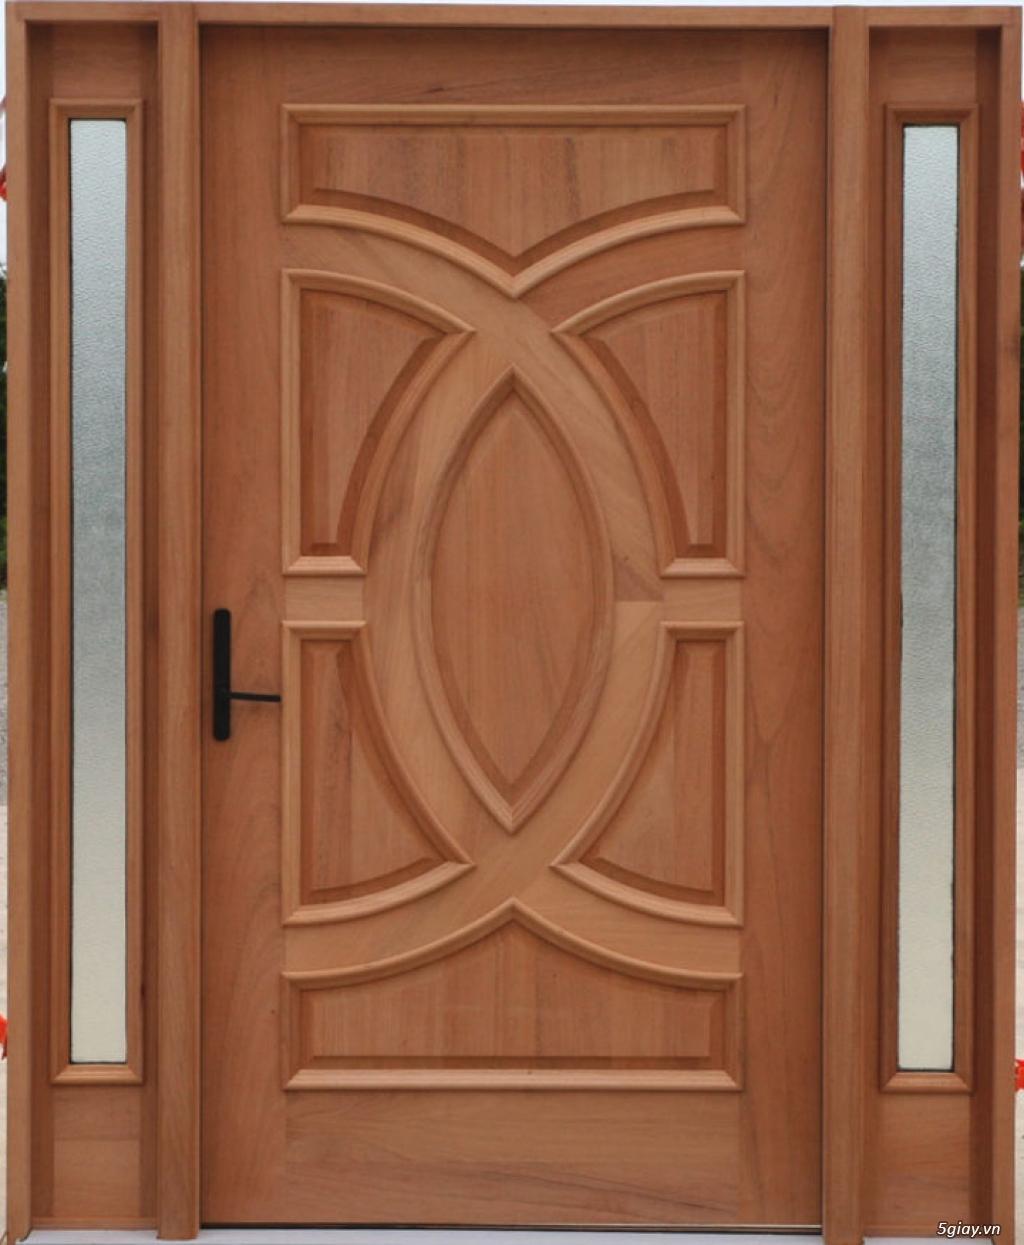 Nội thất zapo Thiết kế miễn phí nội thất  theo yêu cầu khi thi công - 4